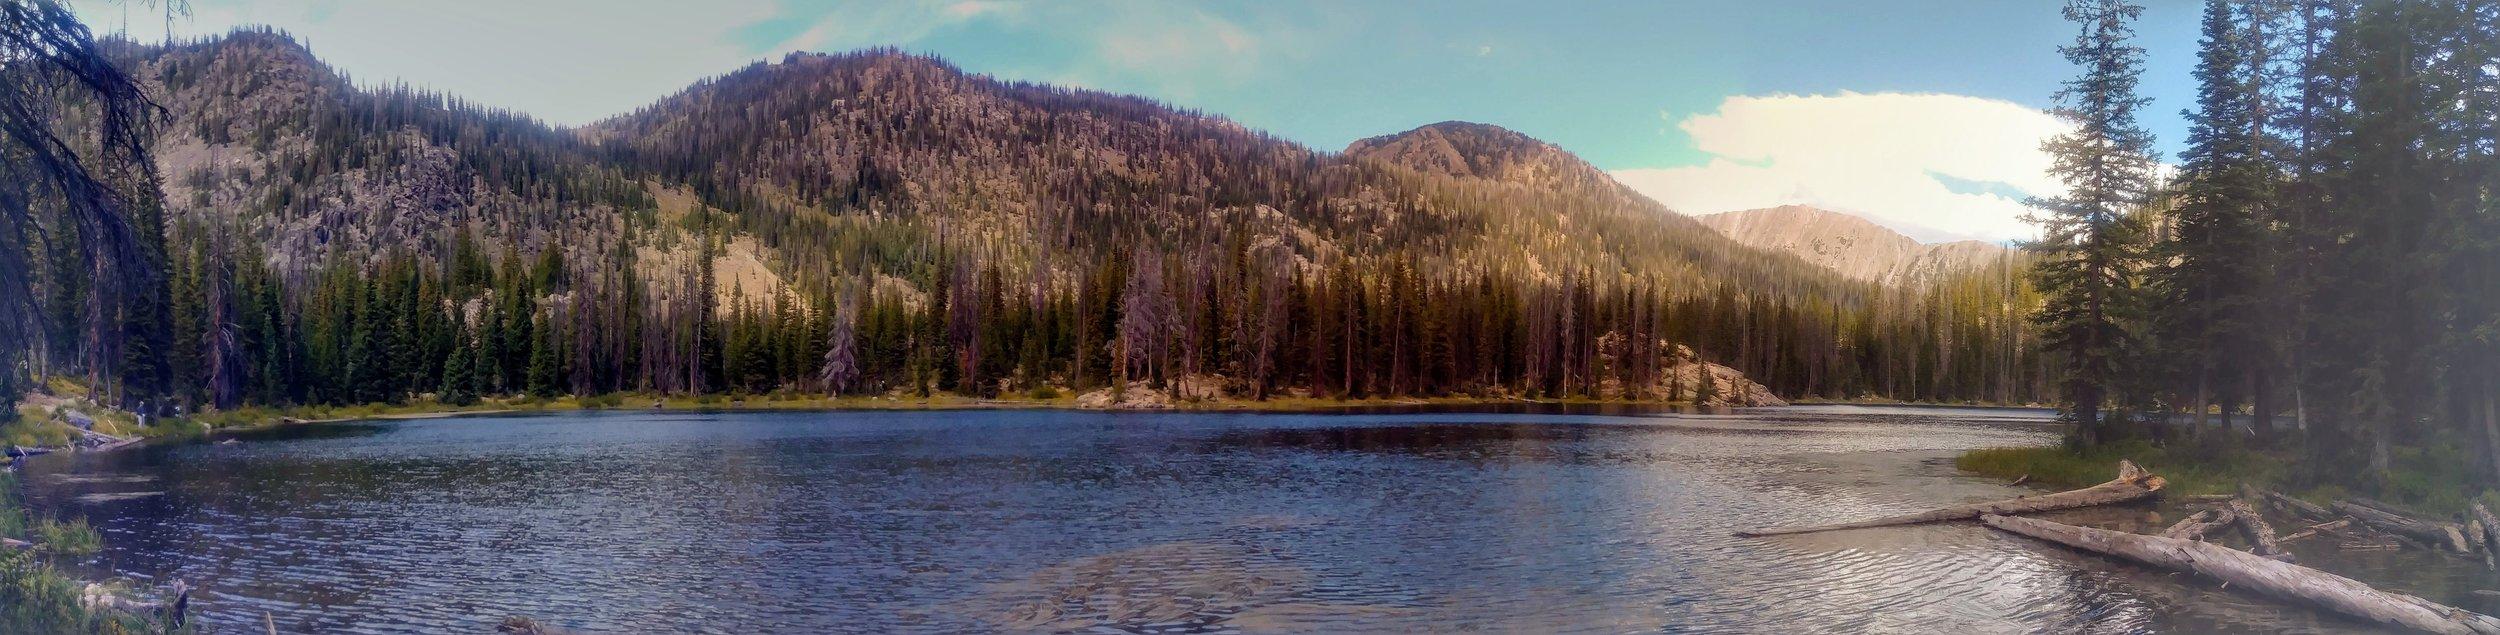 Gold Creek Lake panorama